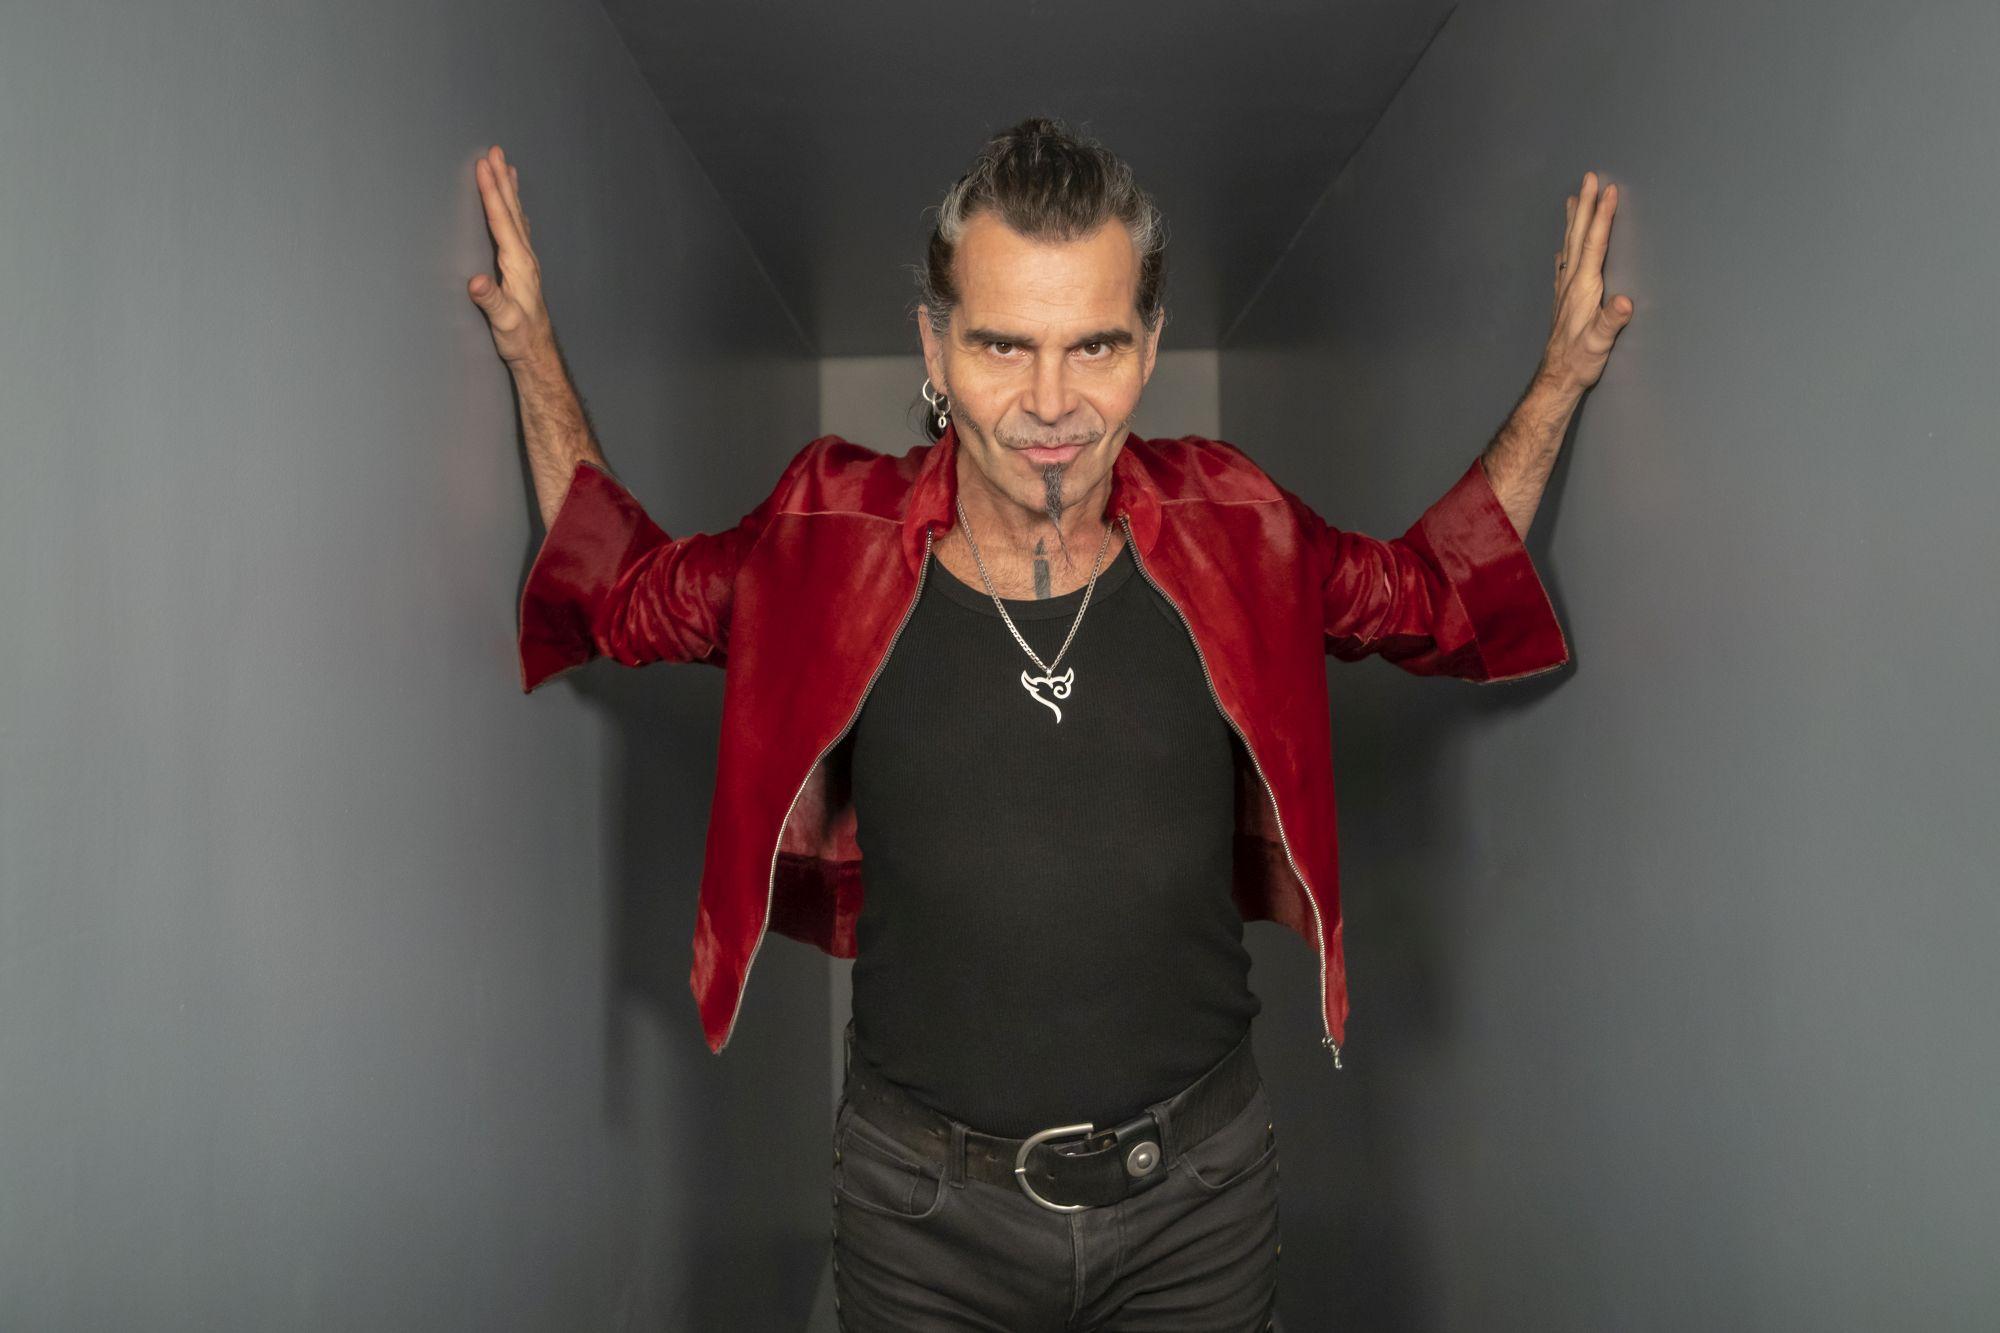 """Musica Italiana, Nuove Uscite. Piero Pelù: il 21 febbraio arriva """"Pugili fragili"""", il nuovo album che festeggia i 40 anni di carriera del rocker"""